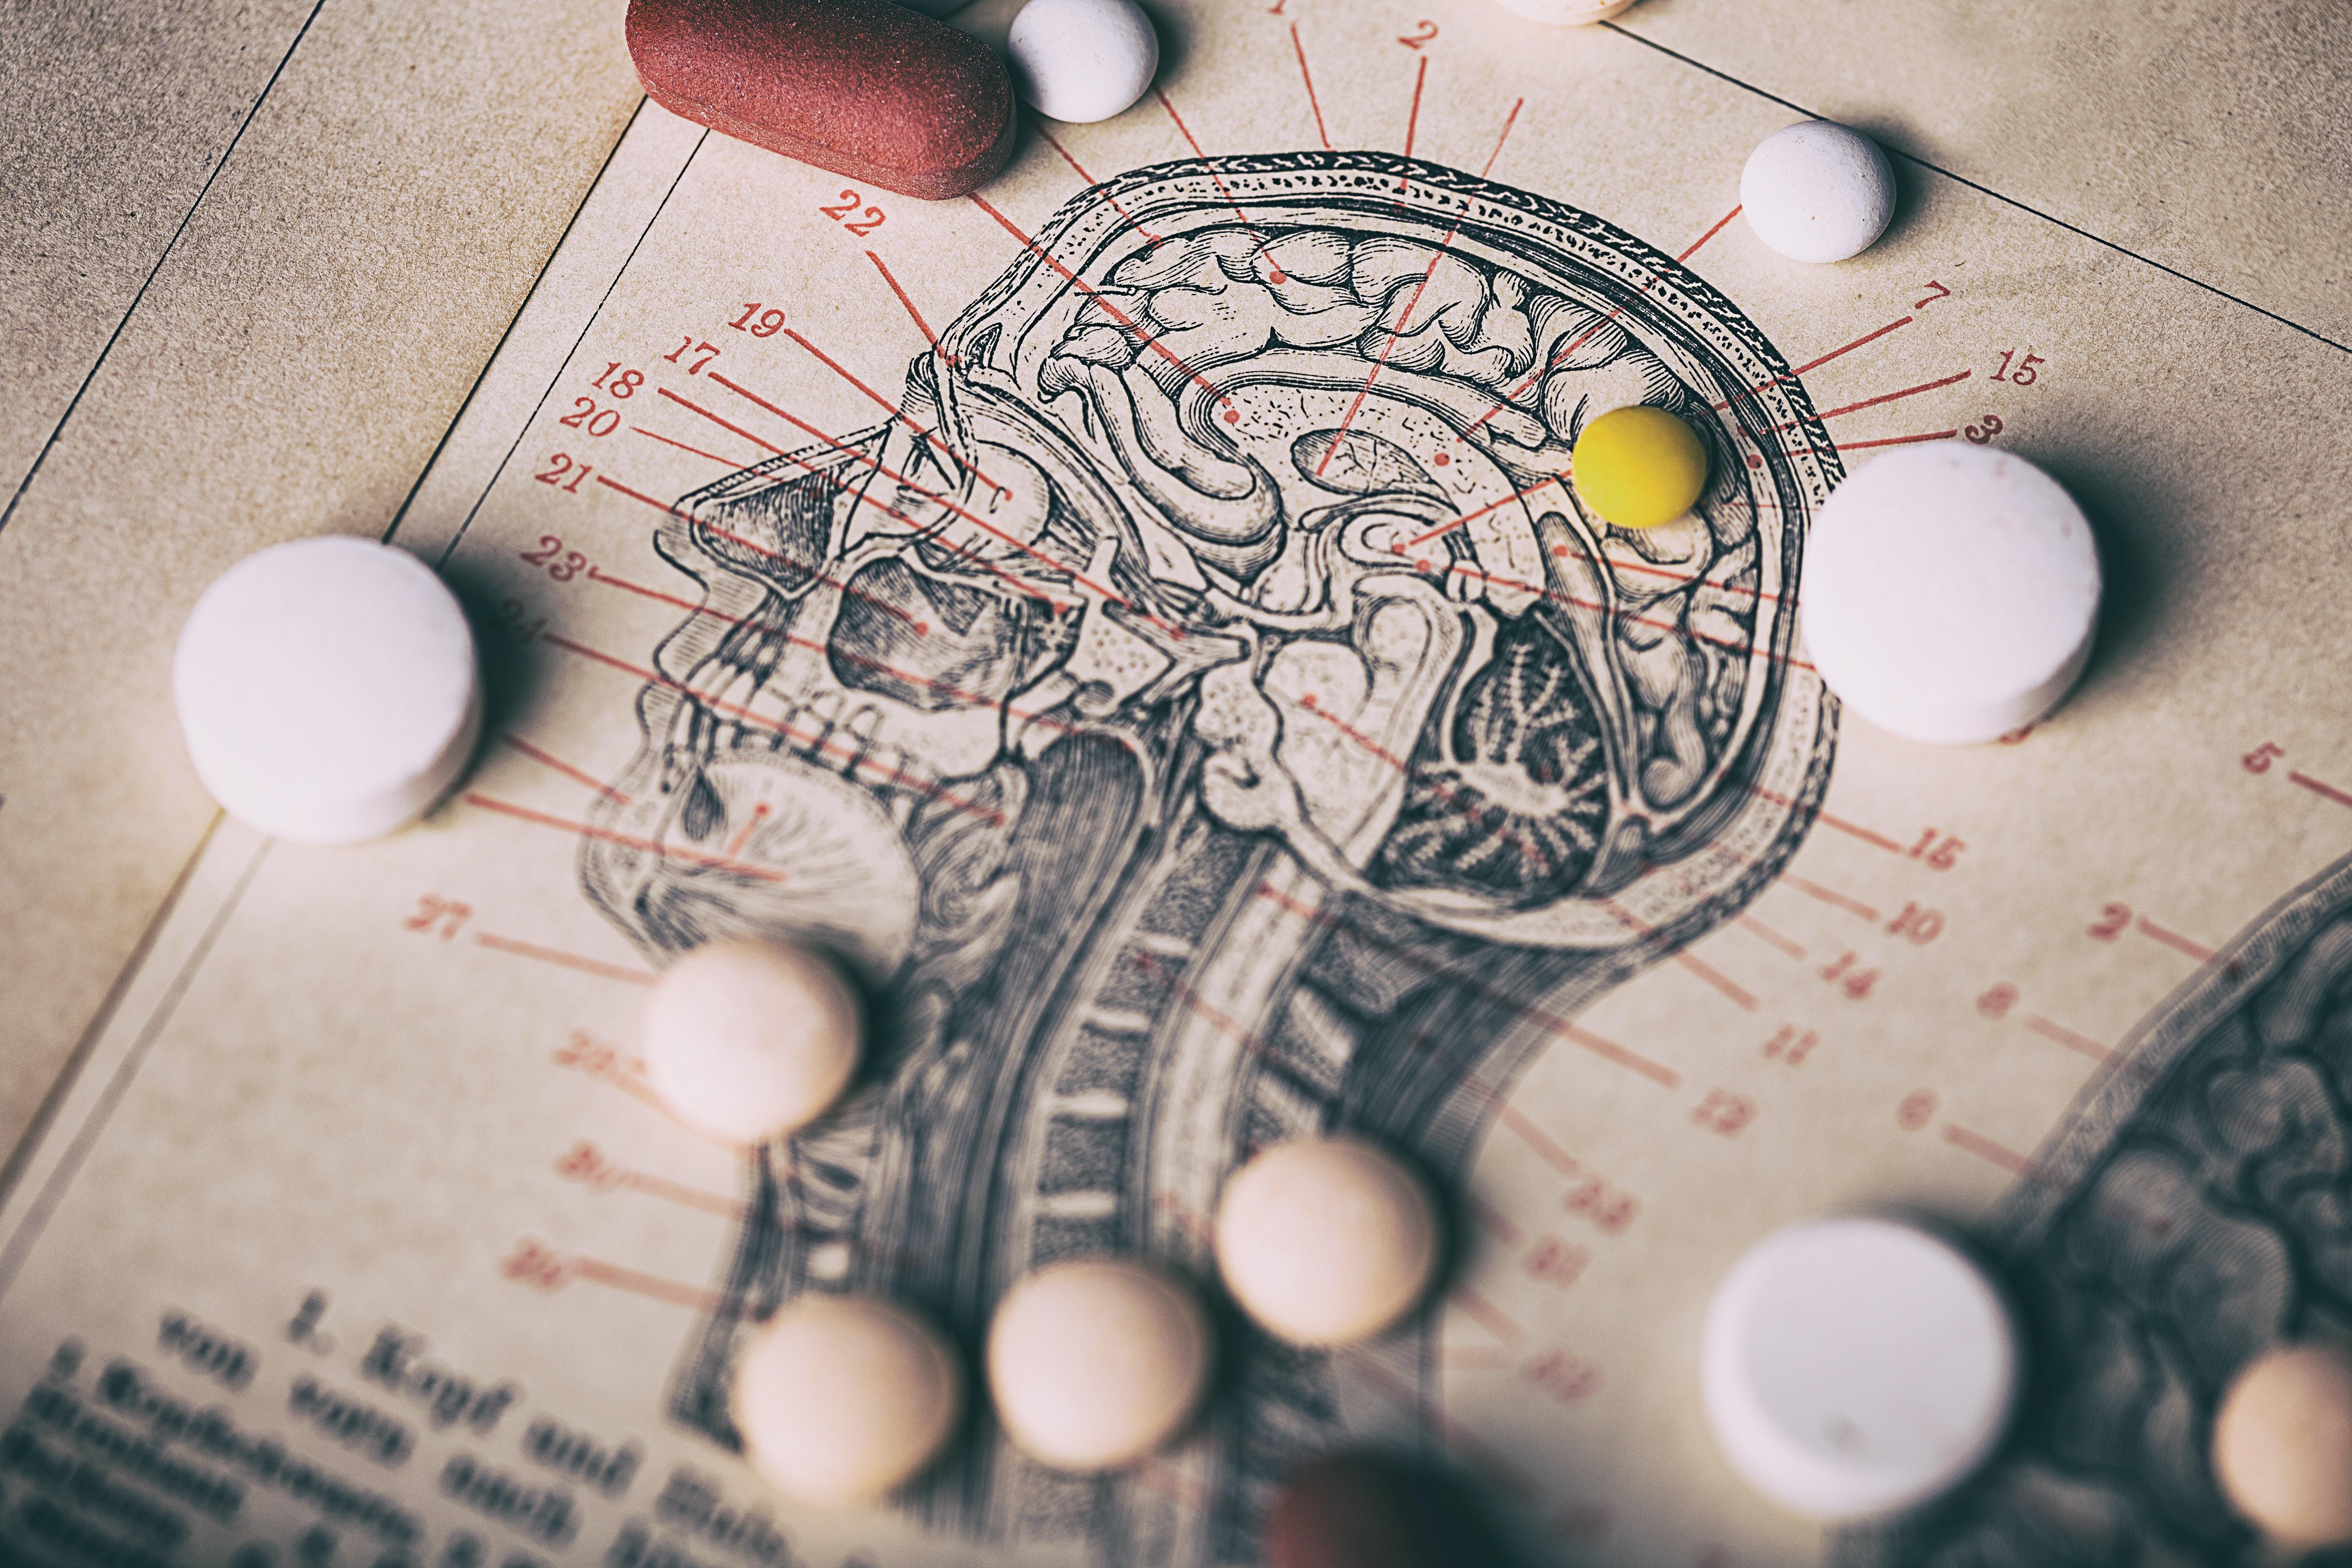 Gehirn querschnitt symbolbild gehalt arzt humanmedizin.e68a899f4f30d694d111190d7a0896171